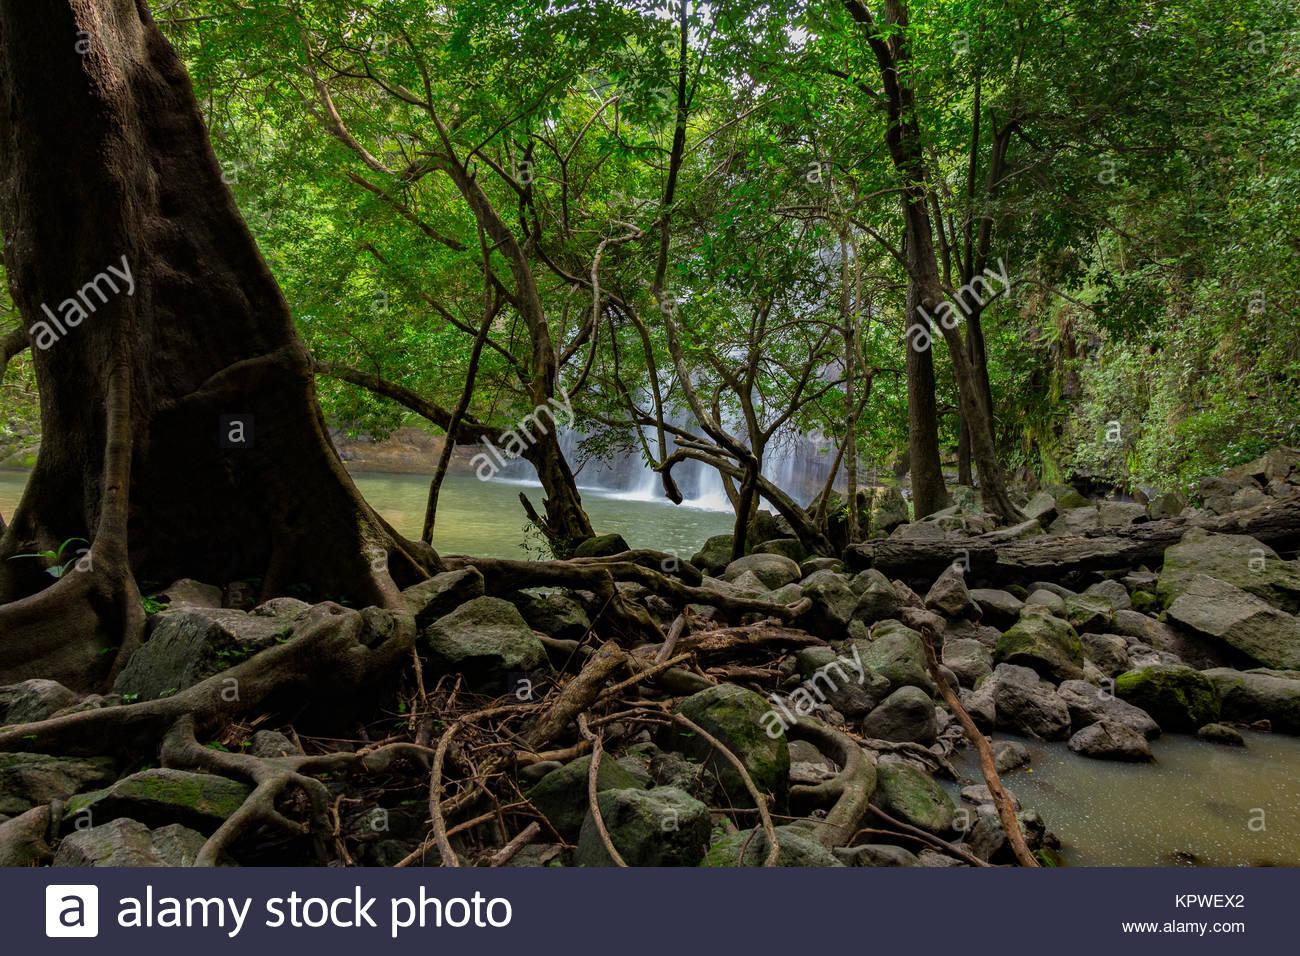 Catarata Llano de Cortés, Llano de Cortés Waterfall and forest - Stock Image